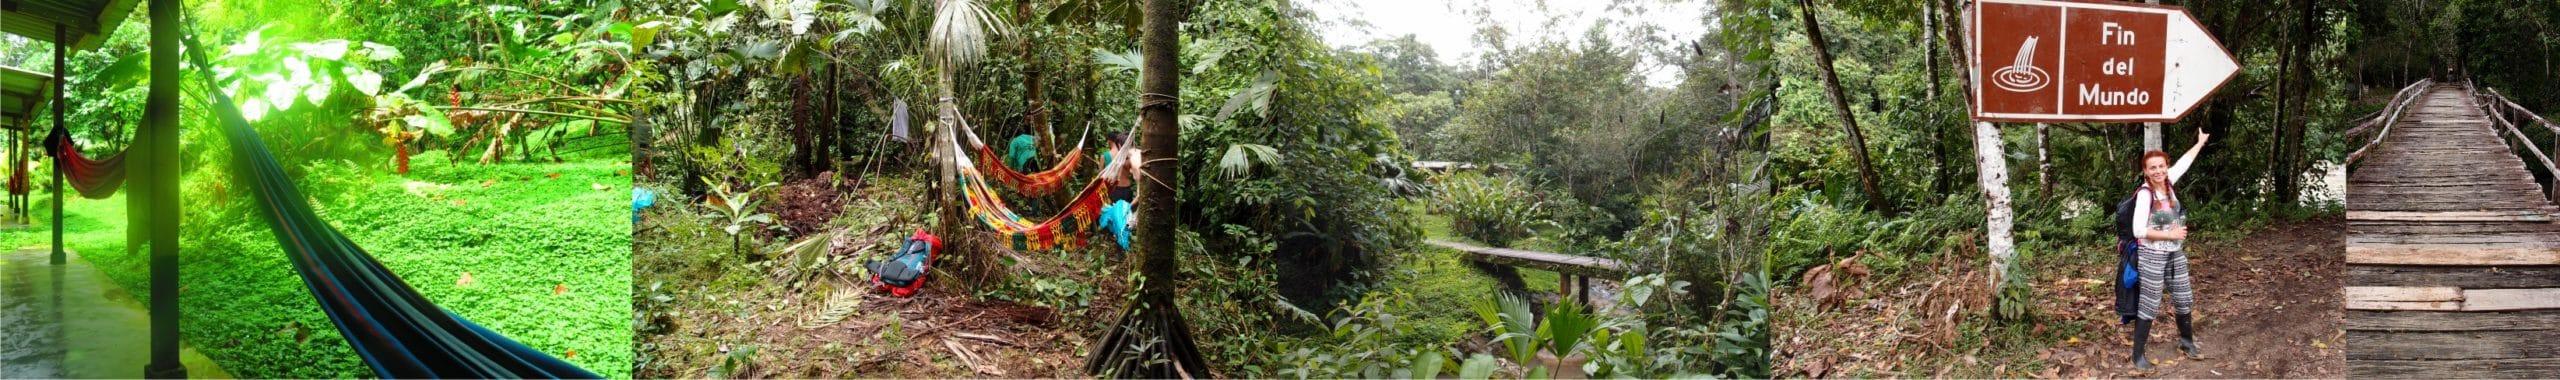 imagenes selva mocoa 1